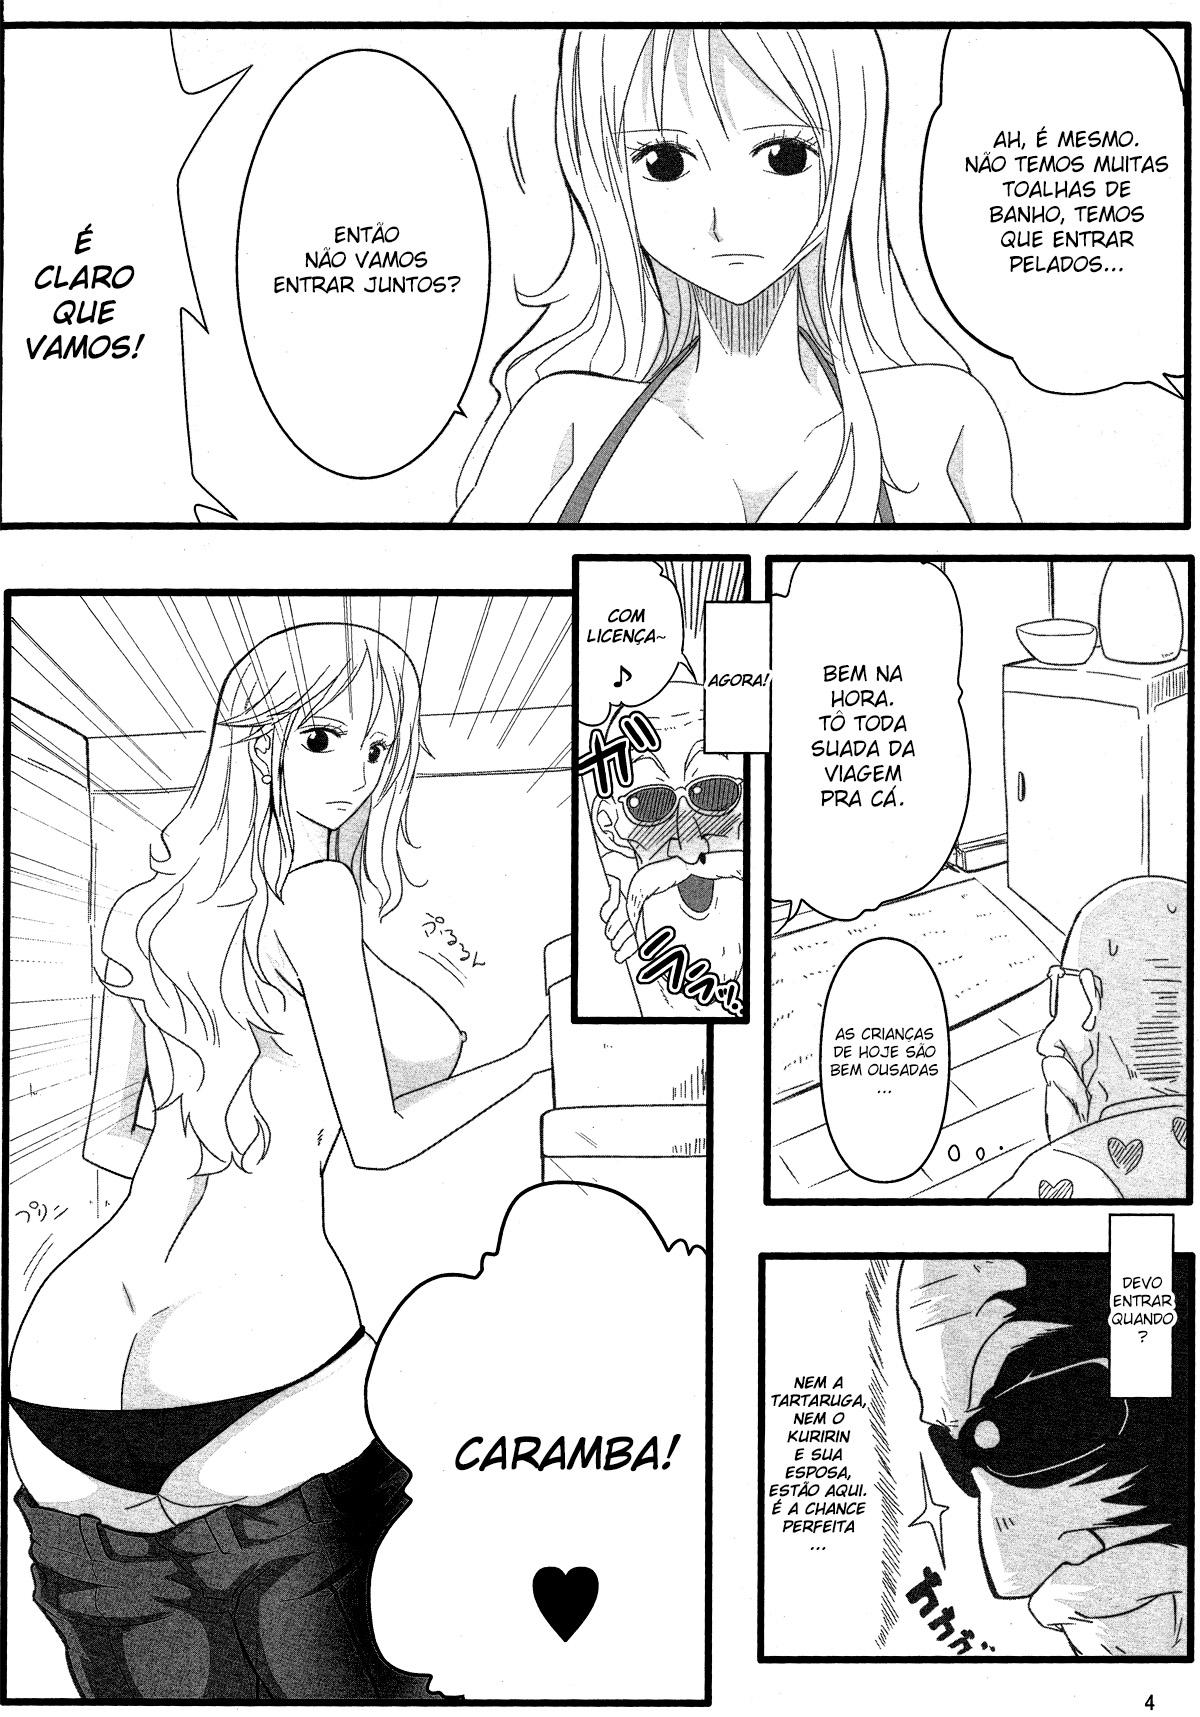 Nami conhece o velho tarado mestre Kame - Foto 3